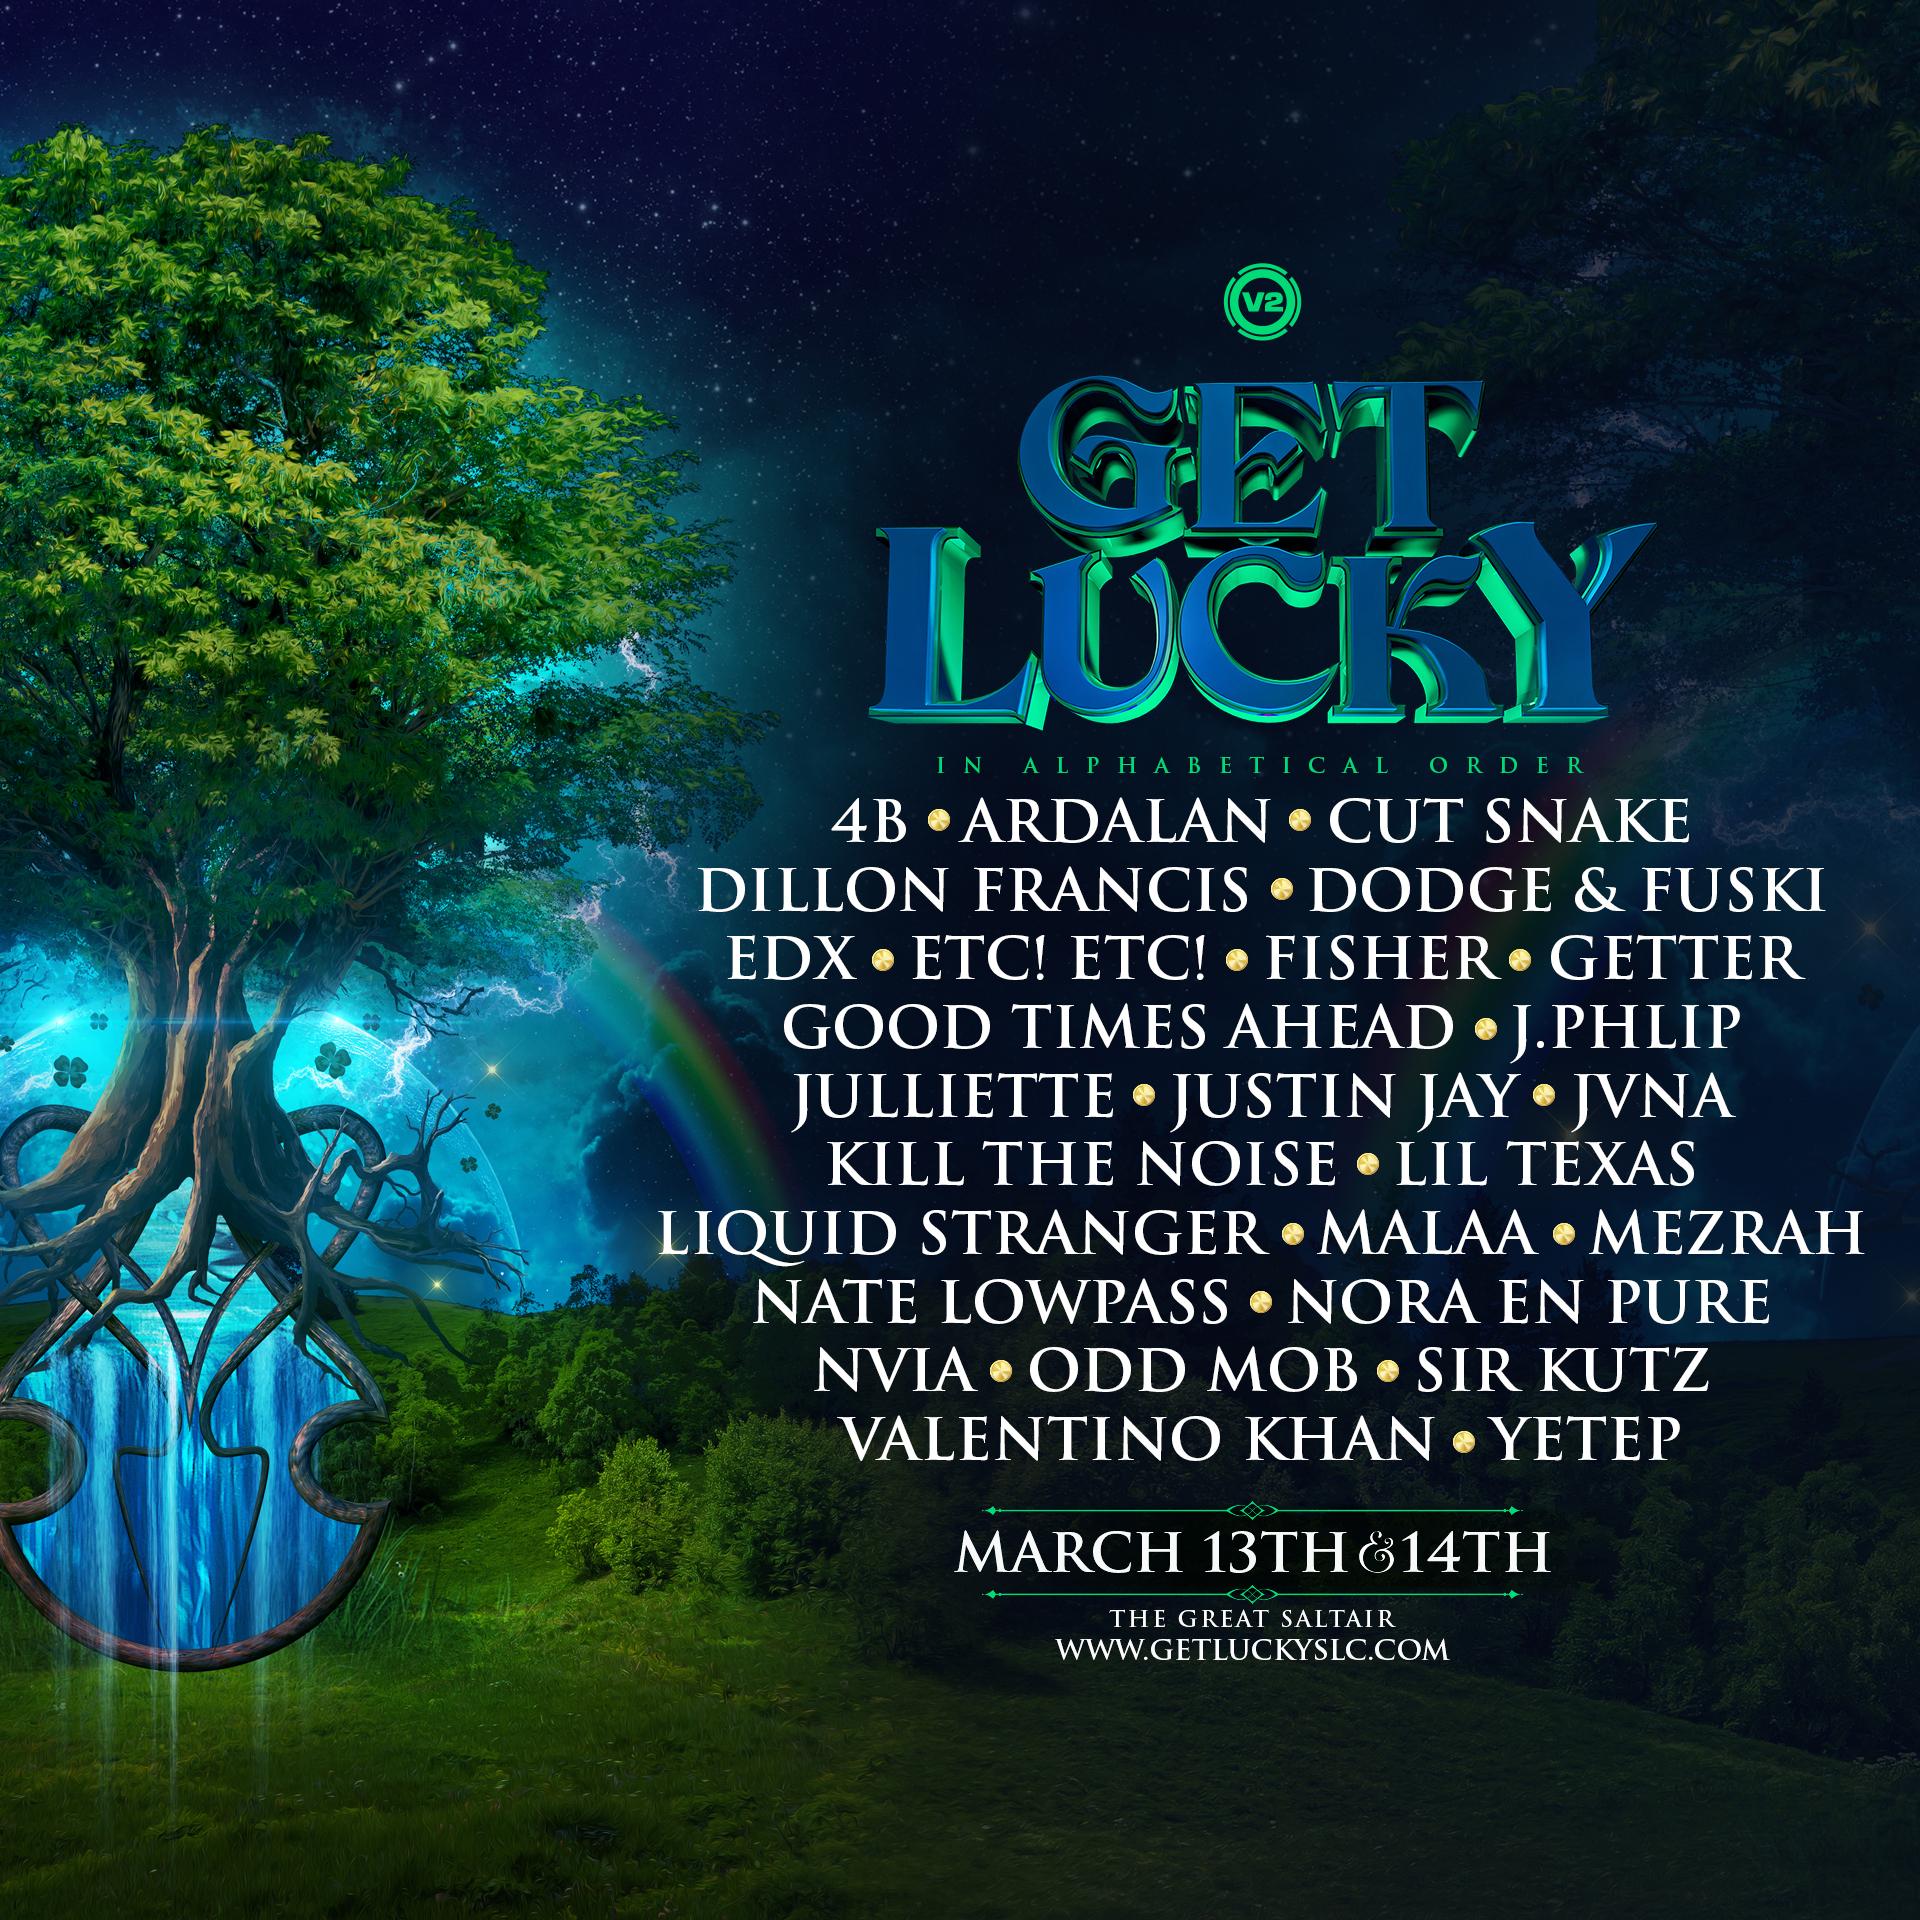 Get Lucky 2020 Lineup